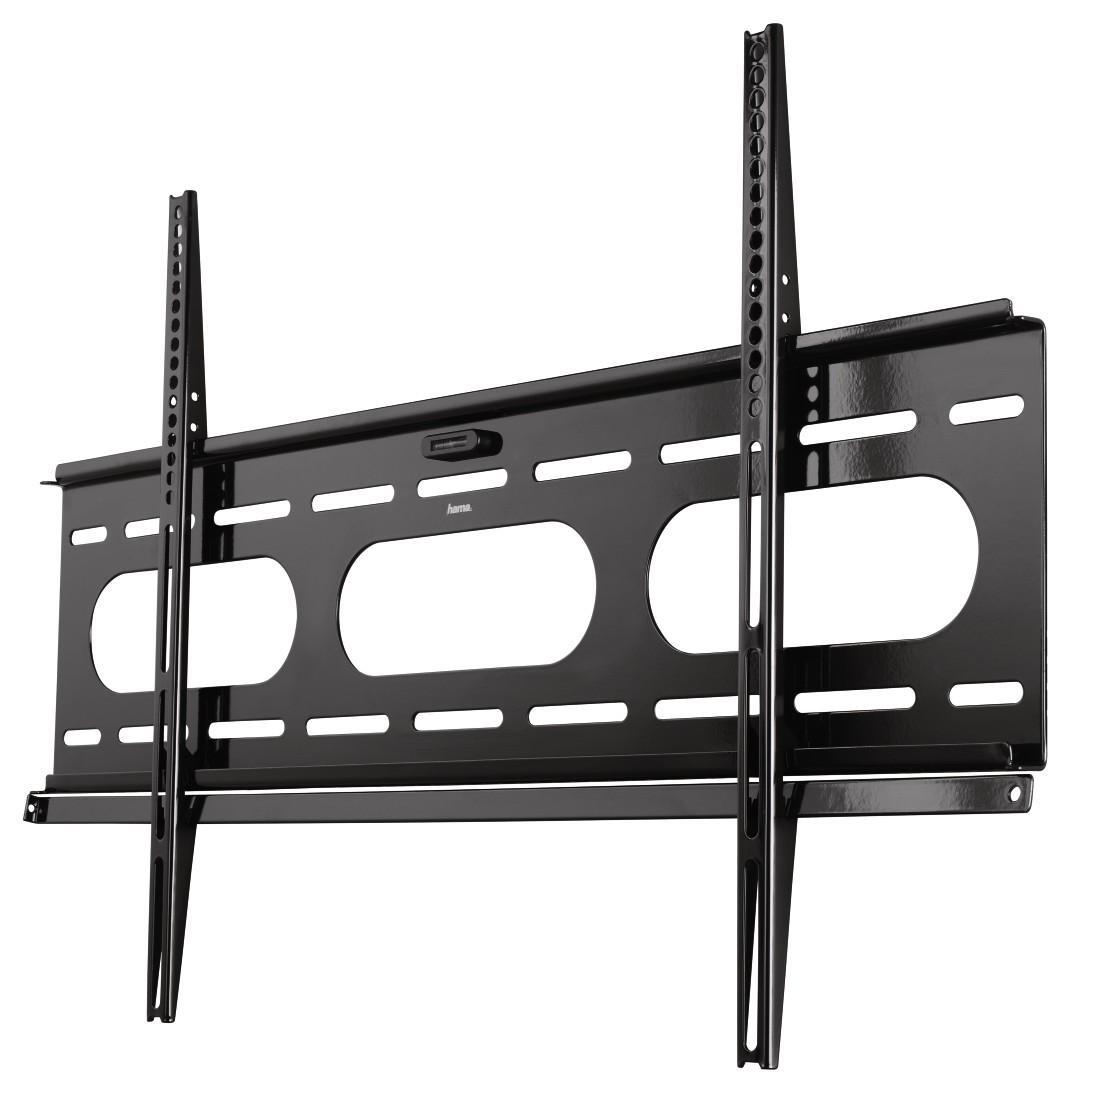 hama tv wandhalterung ultraslim f r fernseher von 37 bis 90 zoll 94 cm bis 229 cm. Black Bedroom Furniture Sets. Home Design Ideas